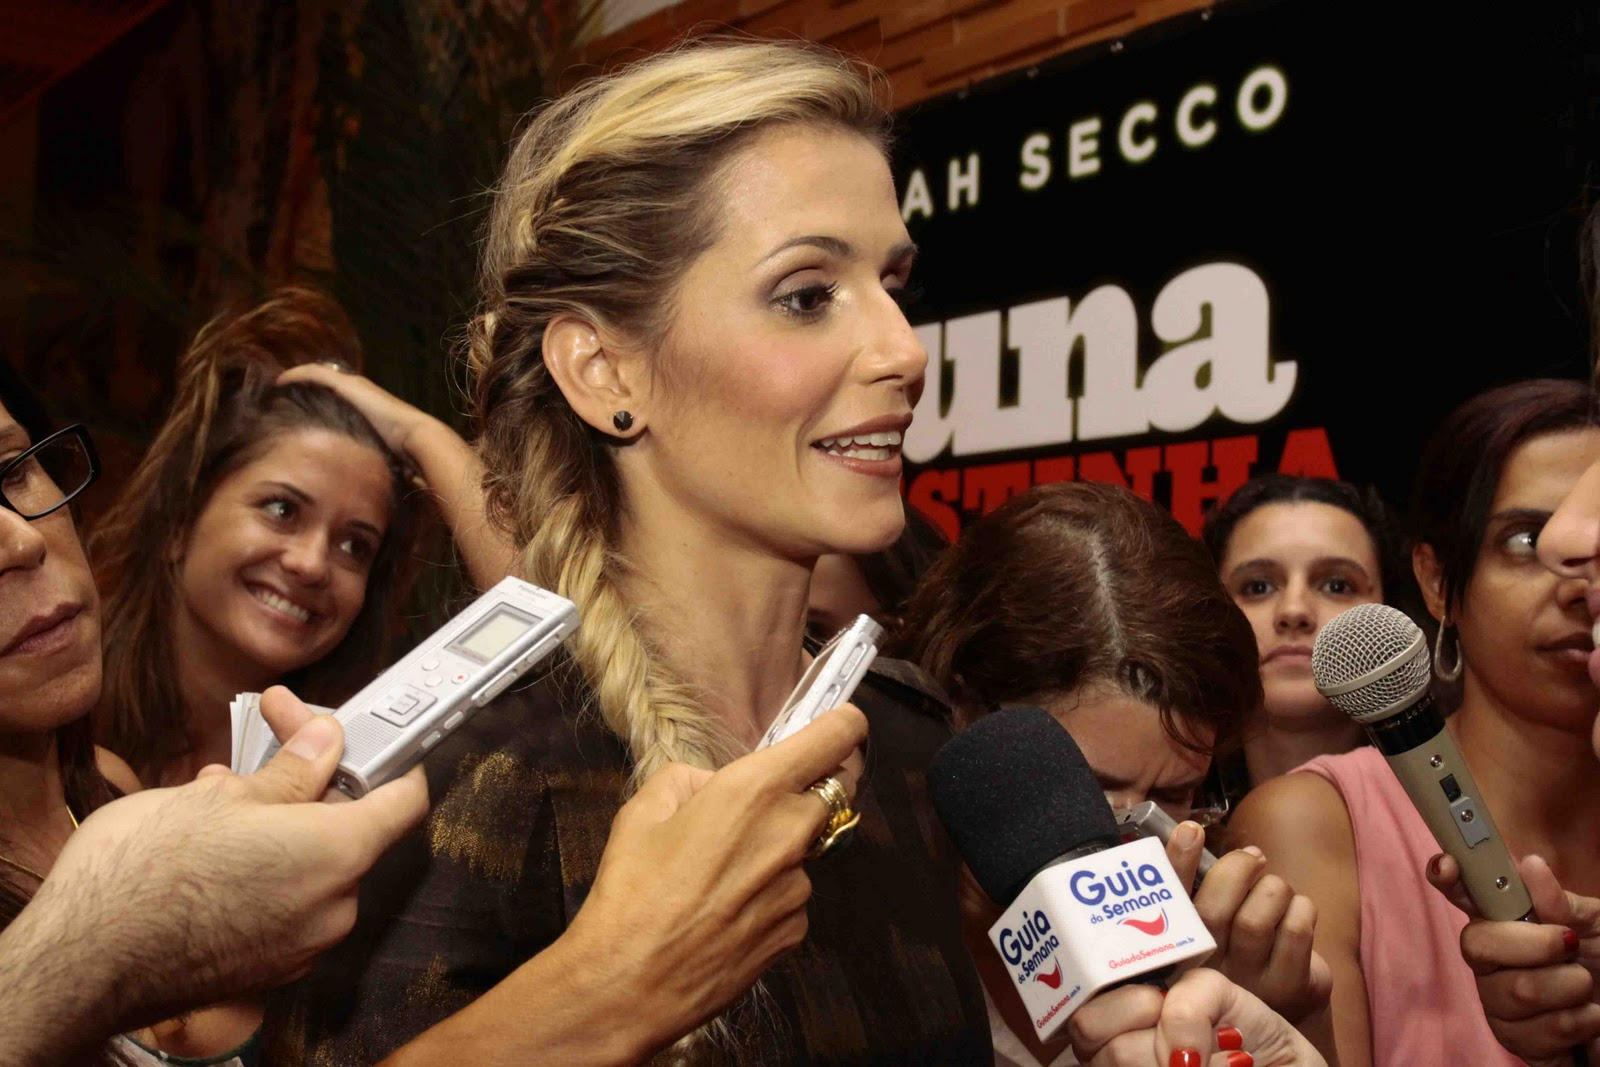 Deborah Secco sendo entrevistada